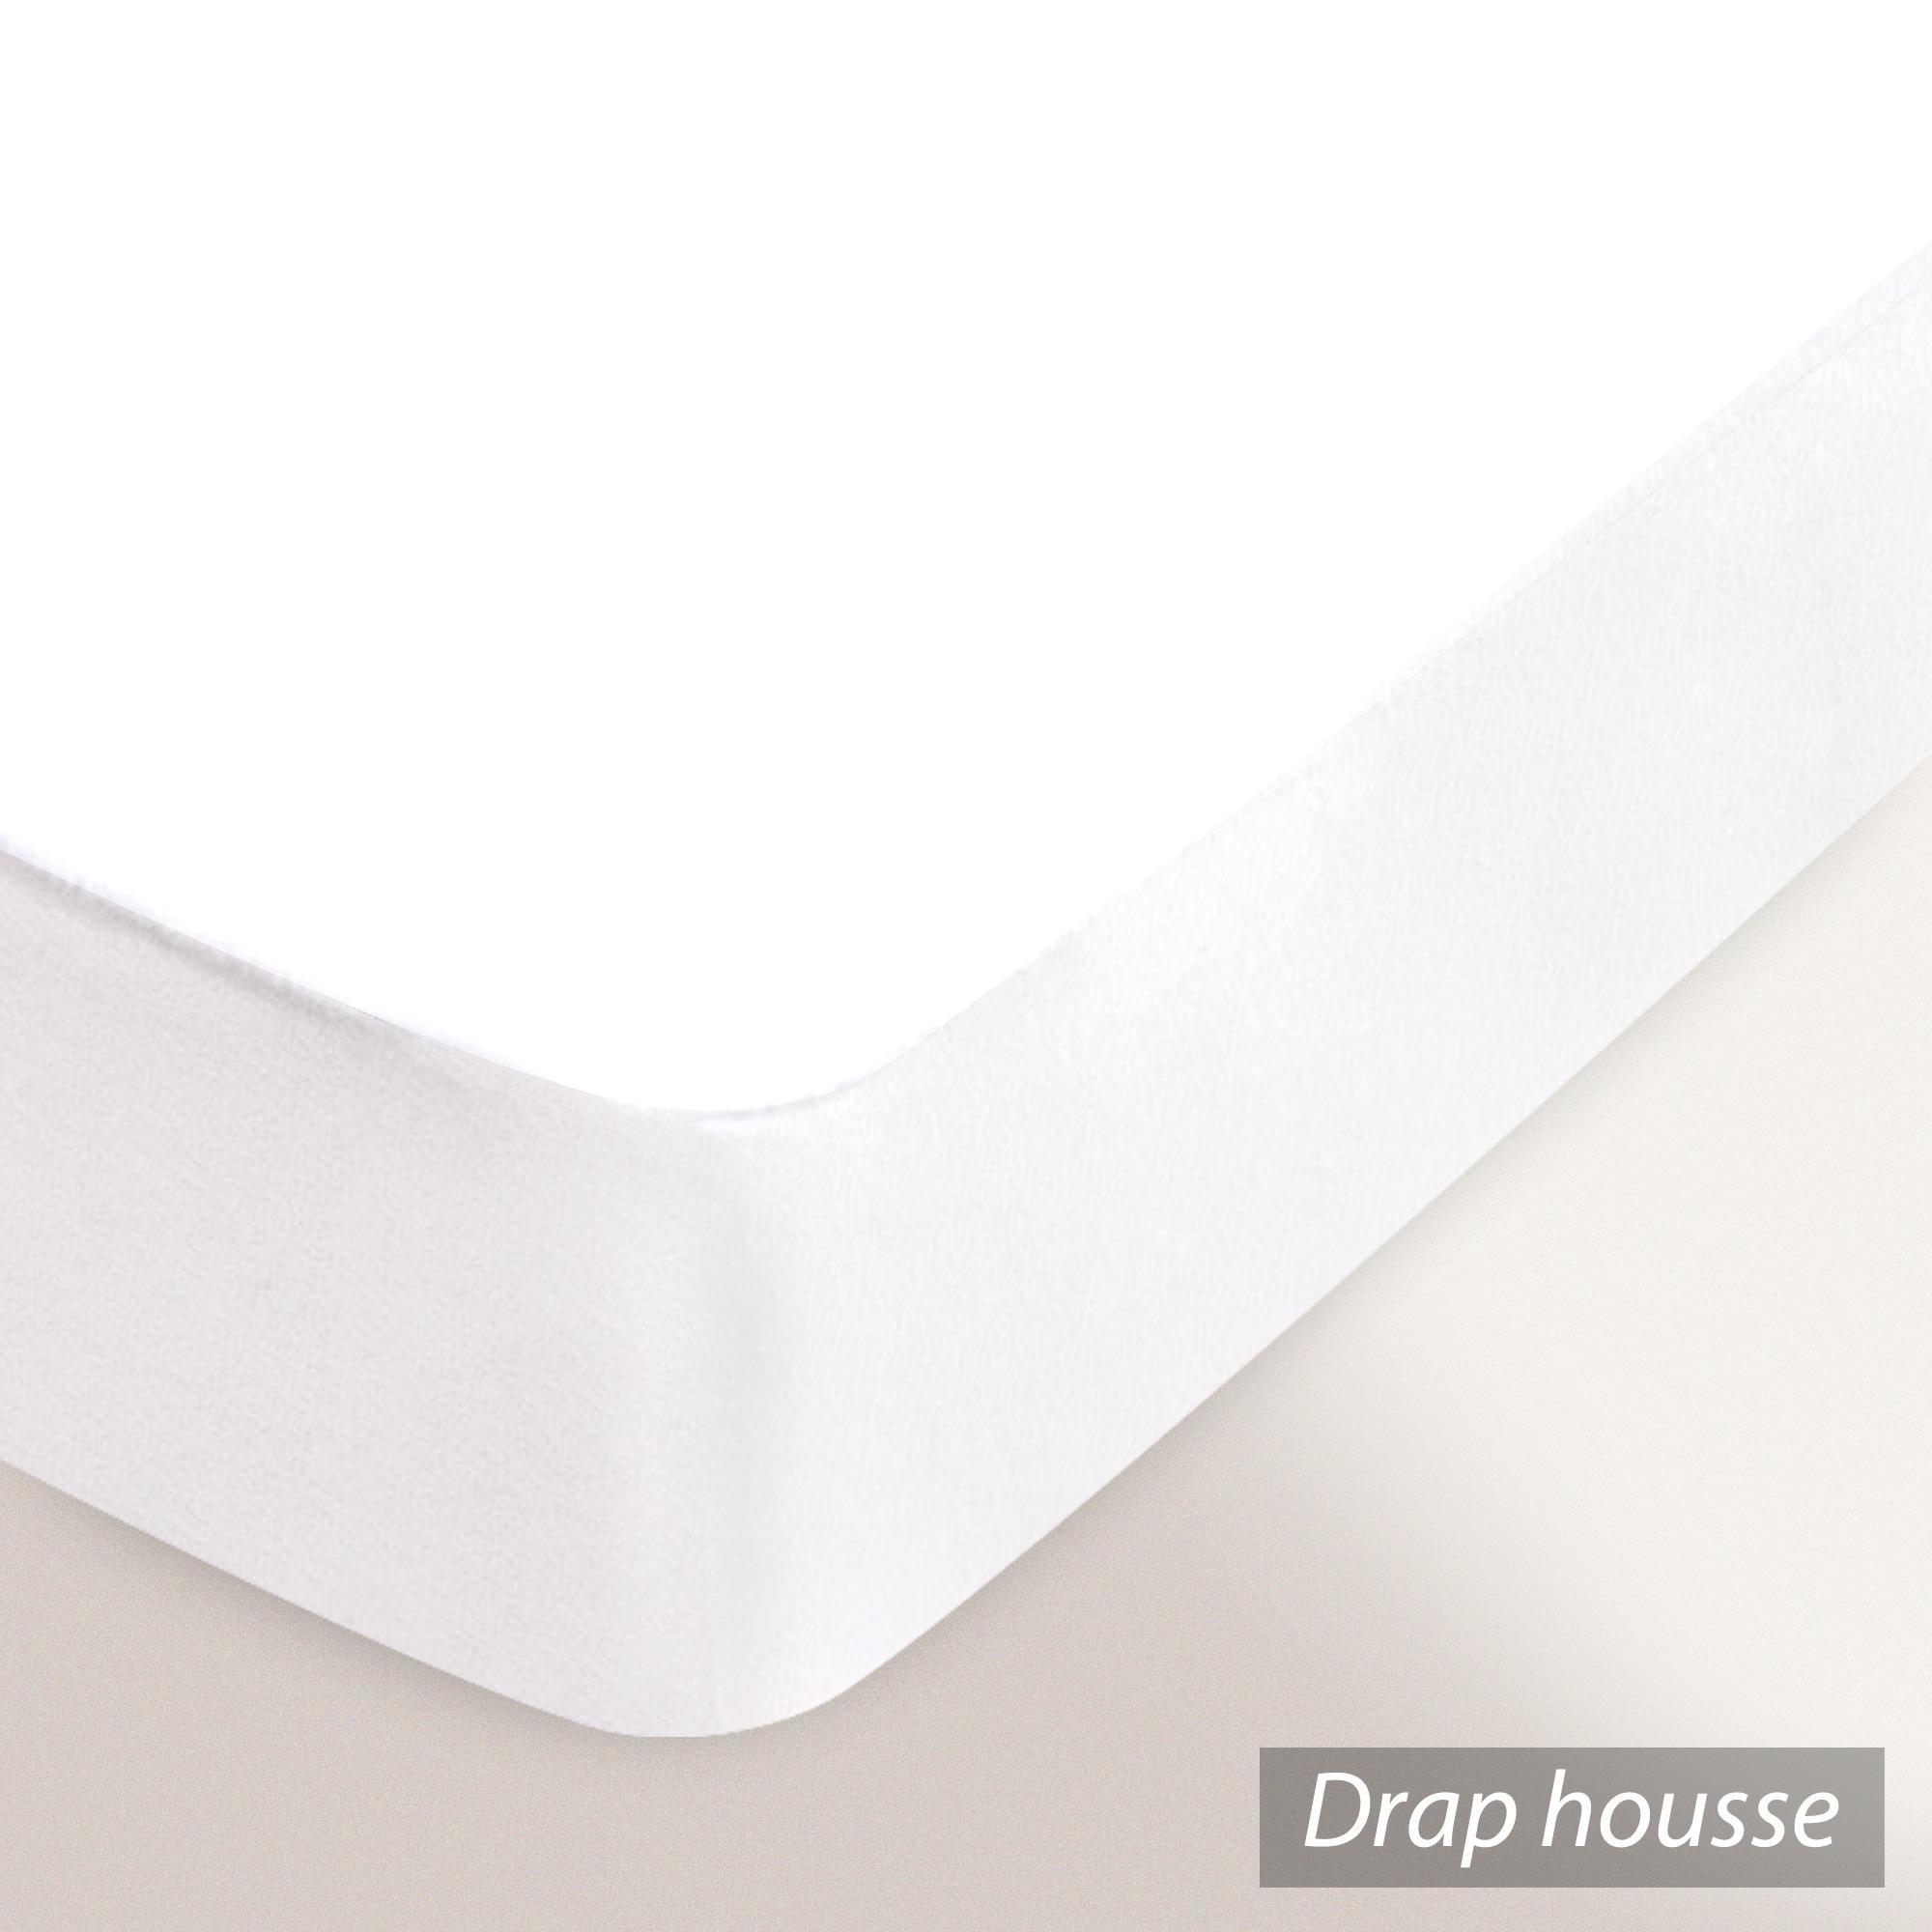 prot ge matelas 80x200 cm achua molleton 100 coton 400 g m2 bonnet 30cm linnea linge de. Black Bedroom Furniture Sets. Home Design Ideas